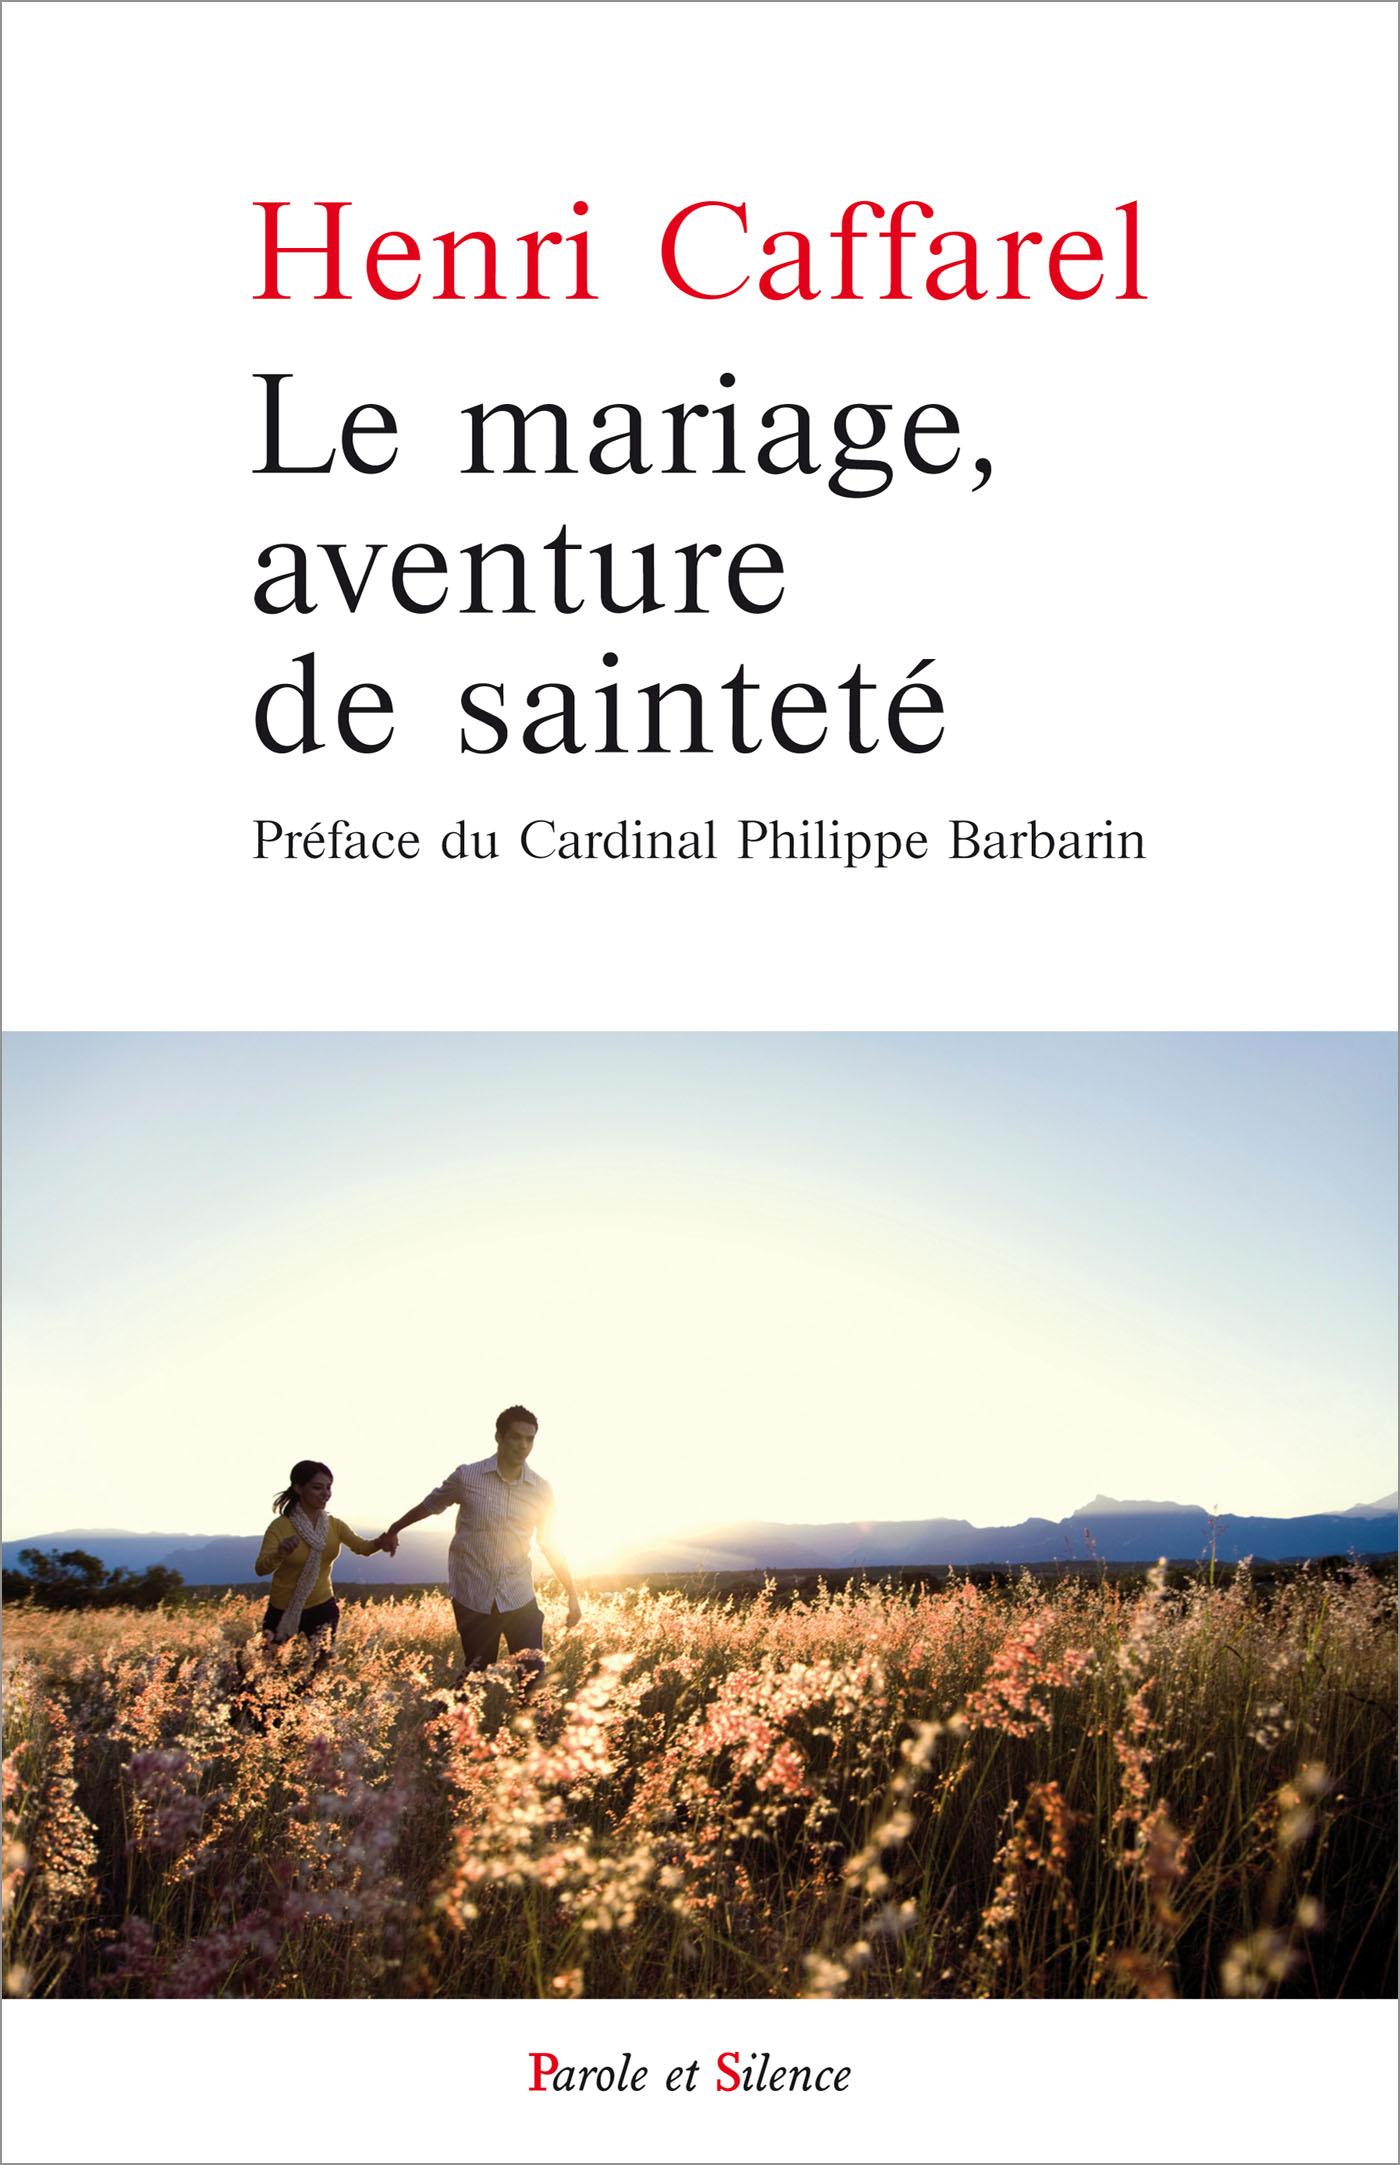 Le mariage, aventure de sainteté